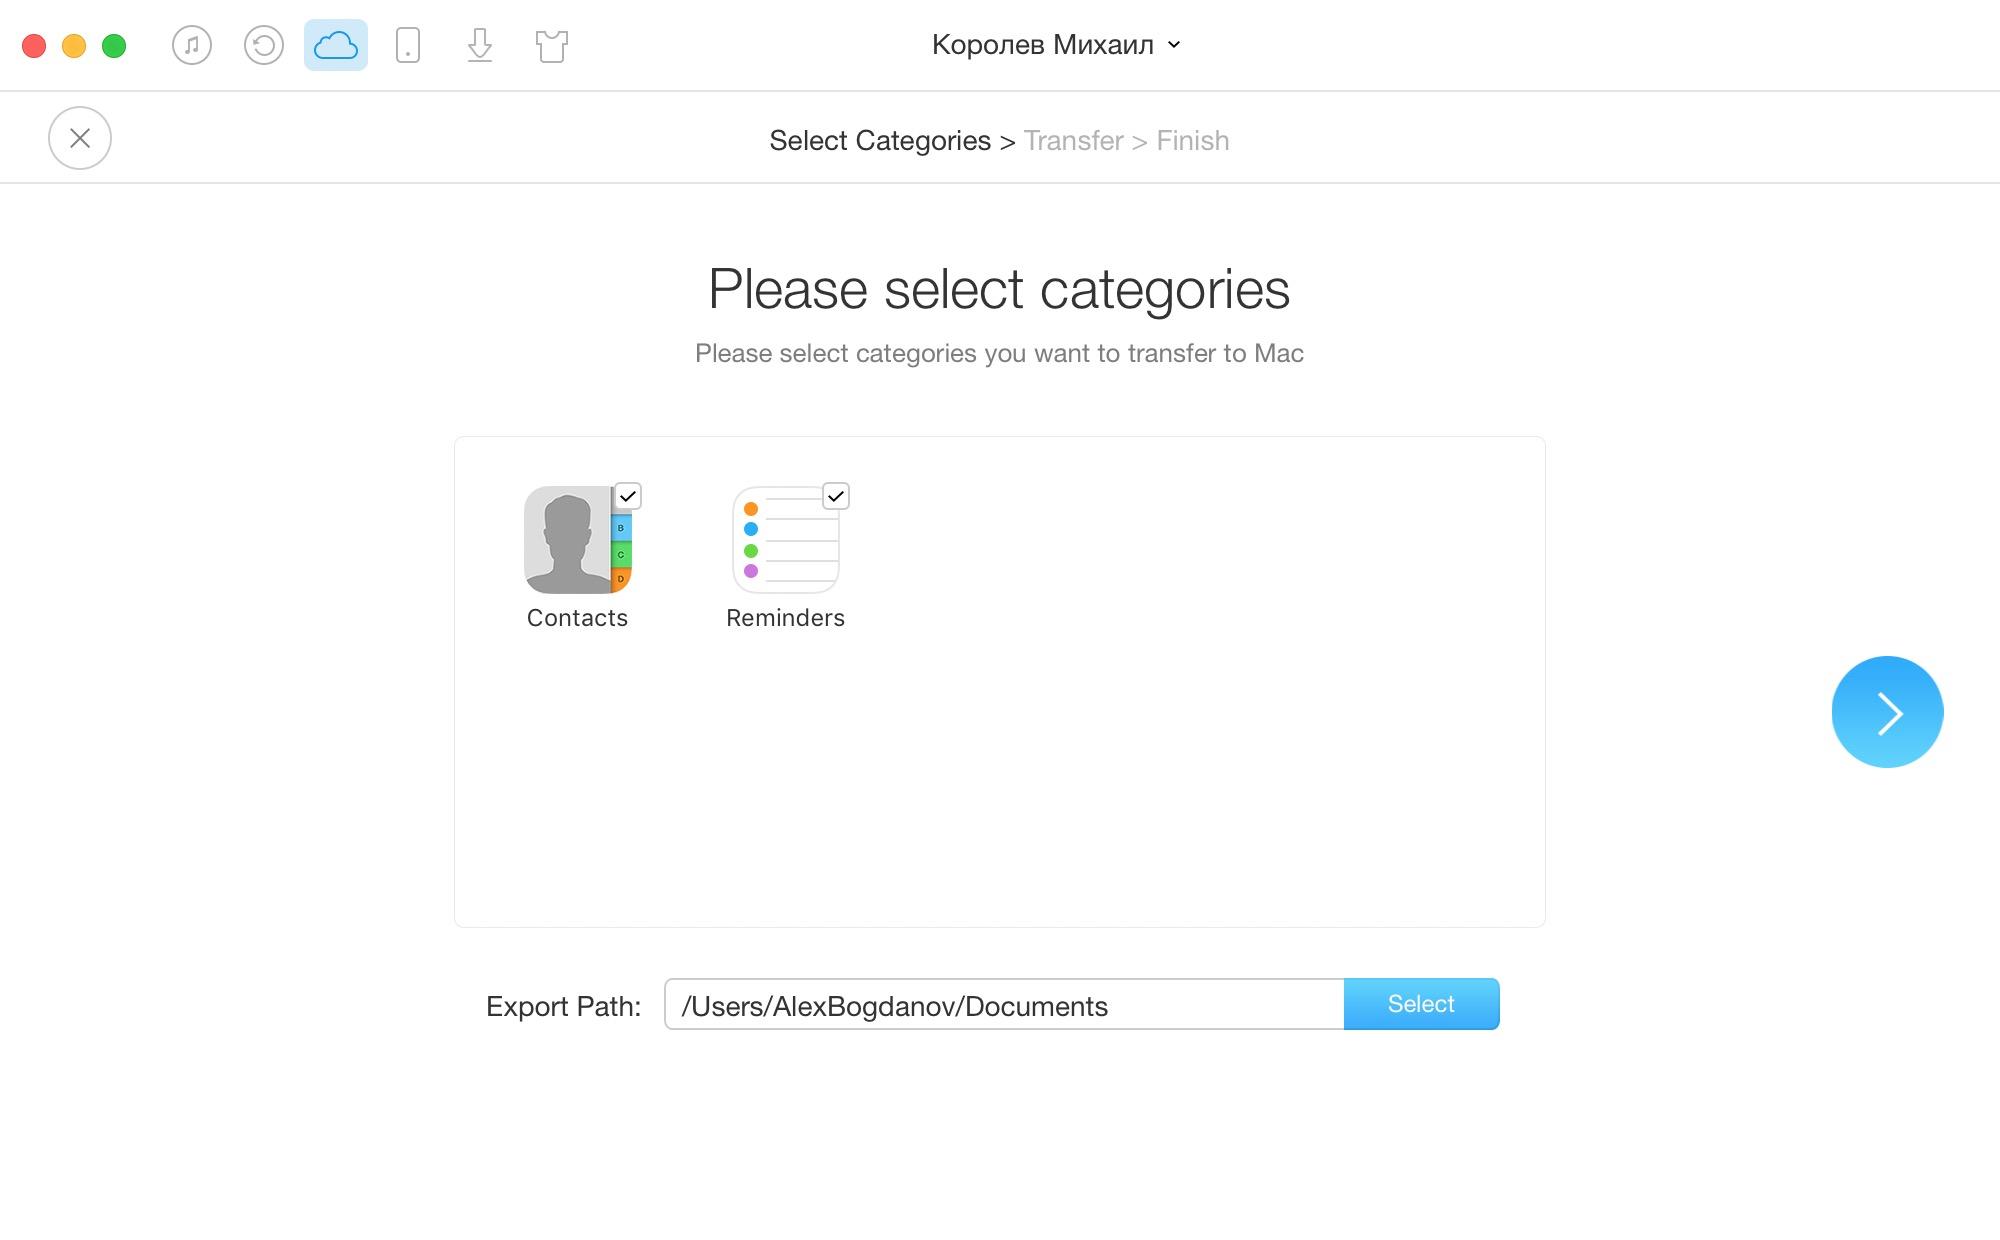 Как перенести данные между разными аккаунтами iCloud